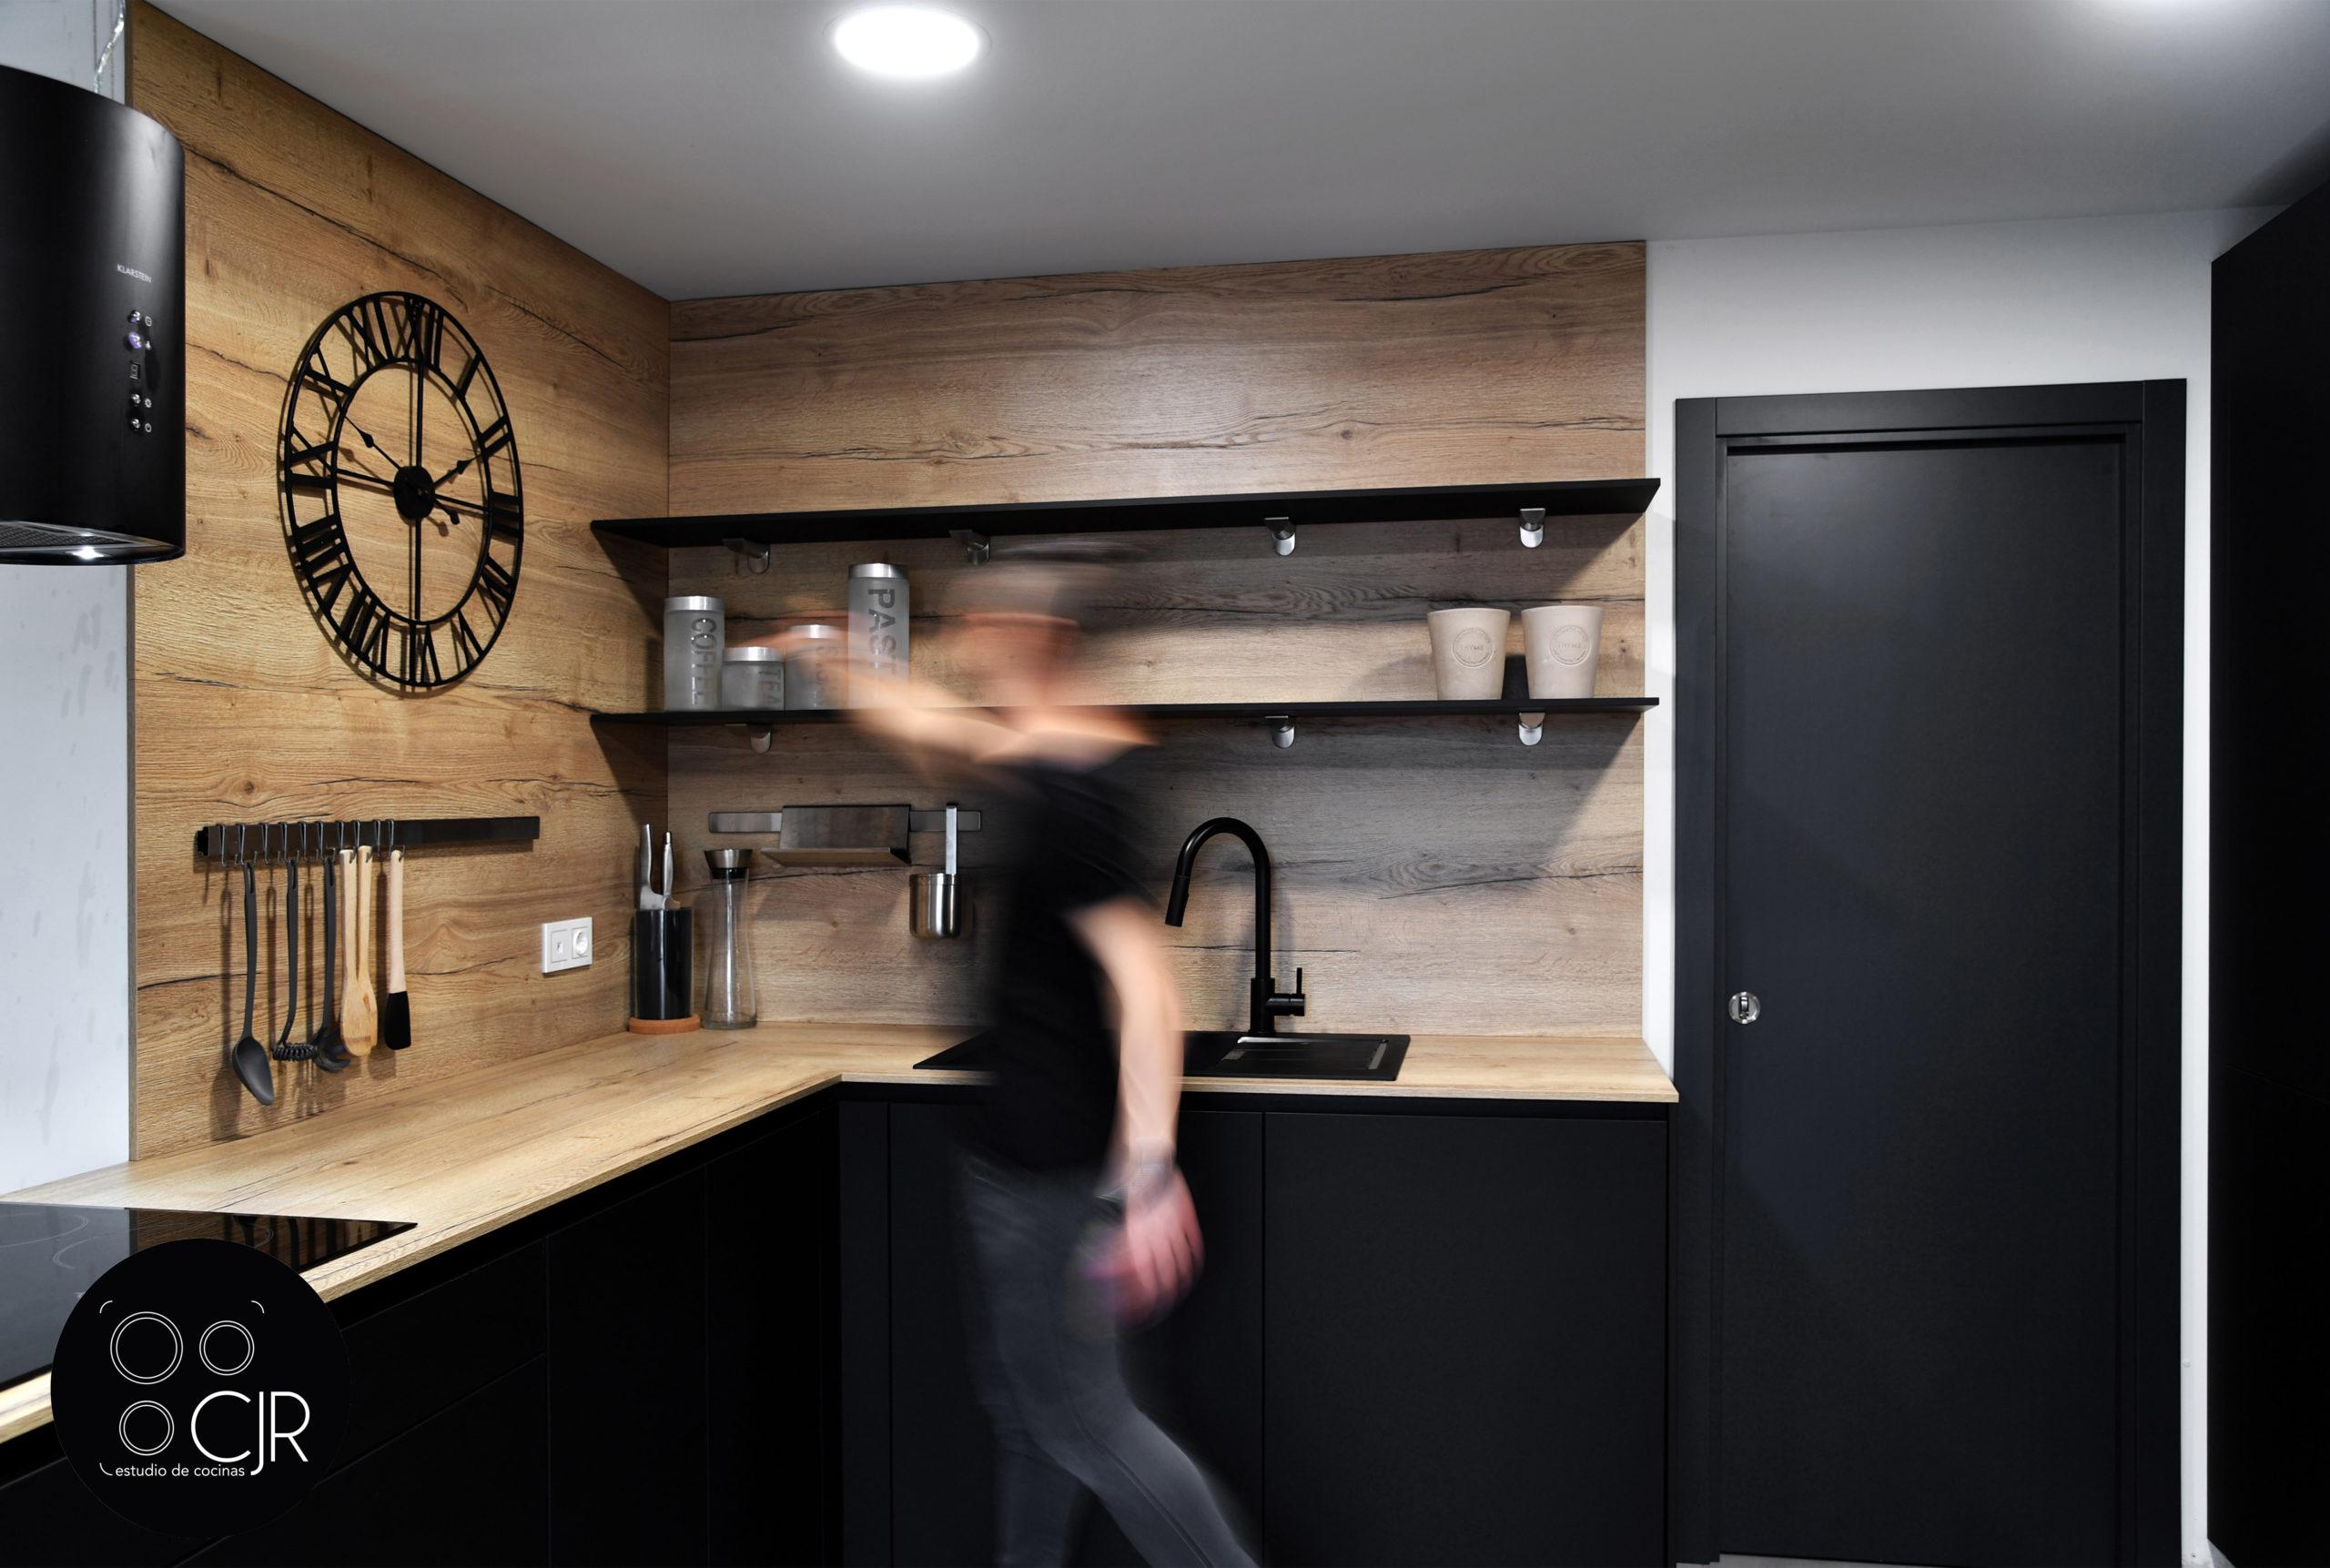 Zona de preparado y fregado cocina negra mate y madera